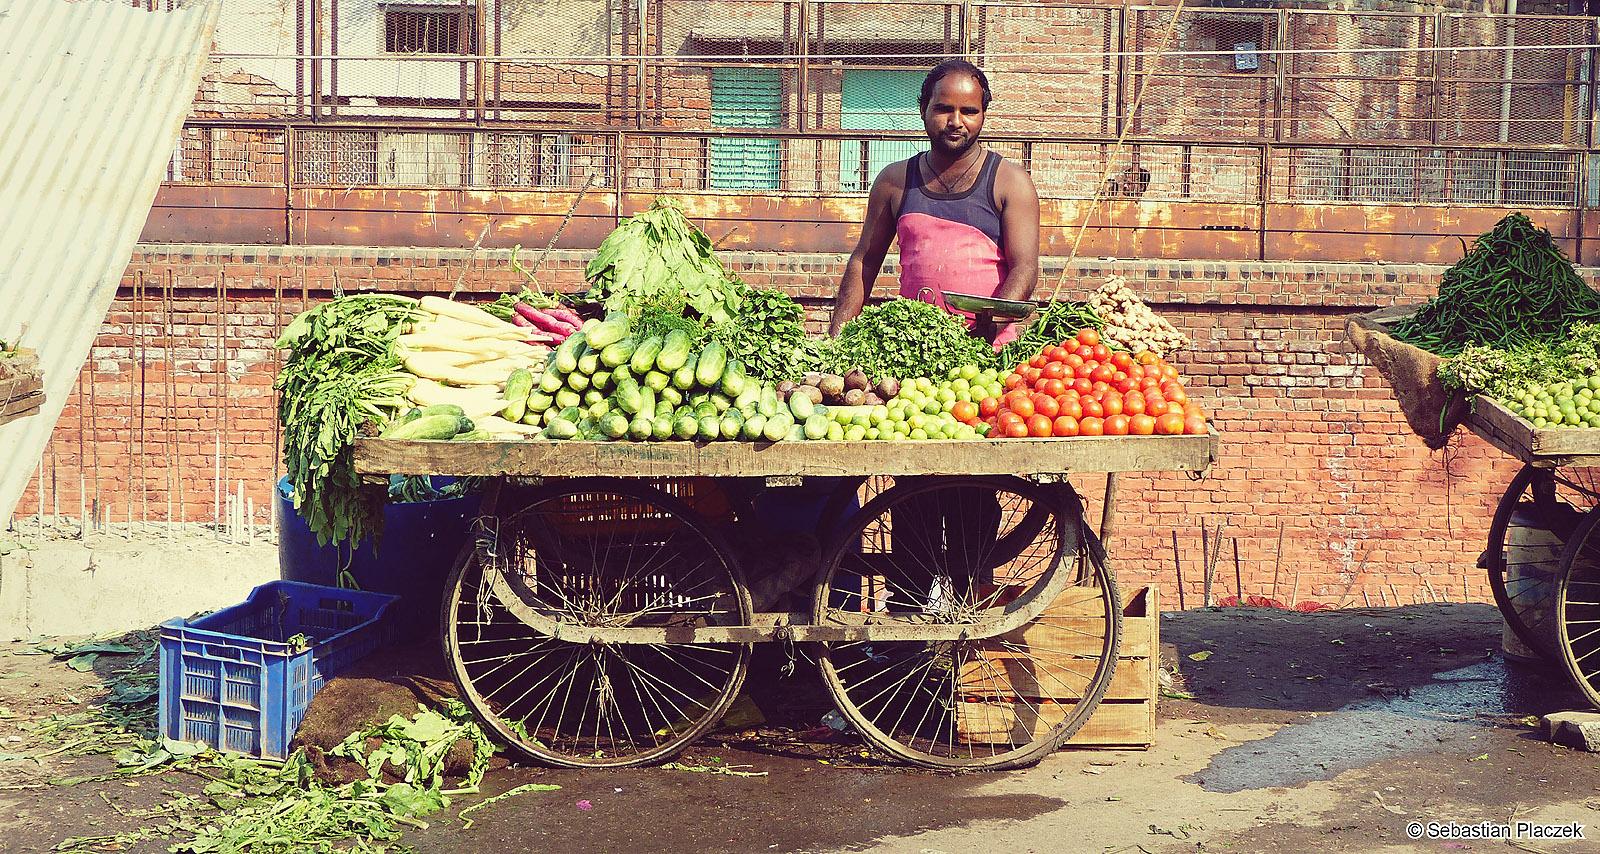 Indie, stragan z jedzeniem. Zdjęcia z podróży - Sebastian Placzek